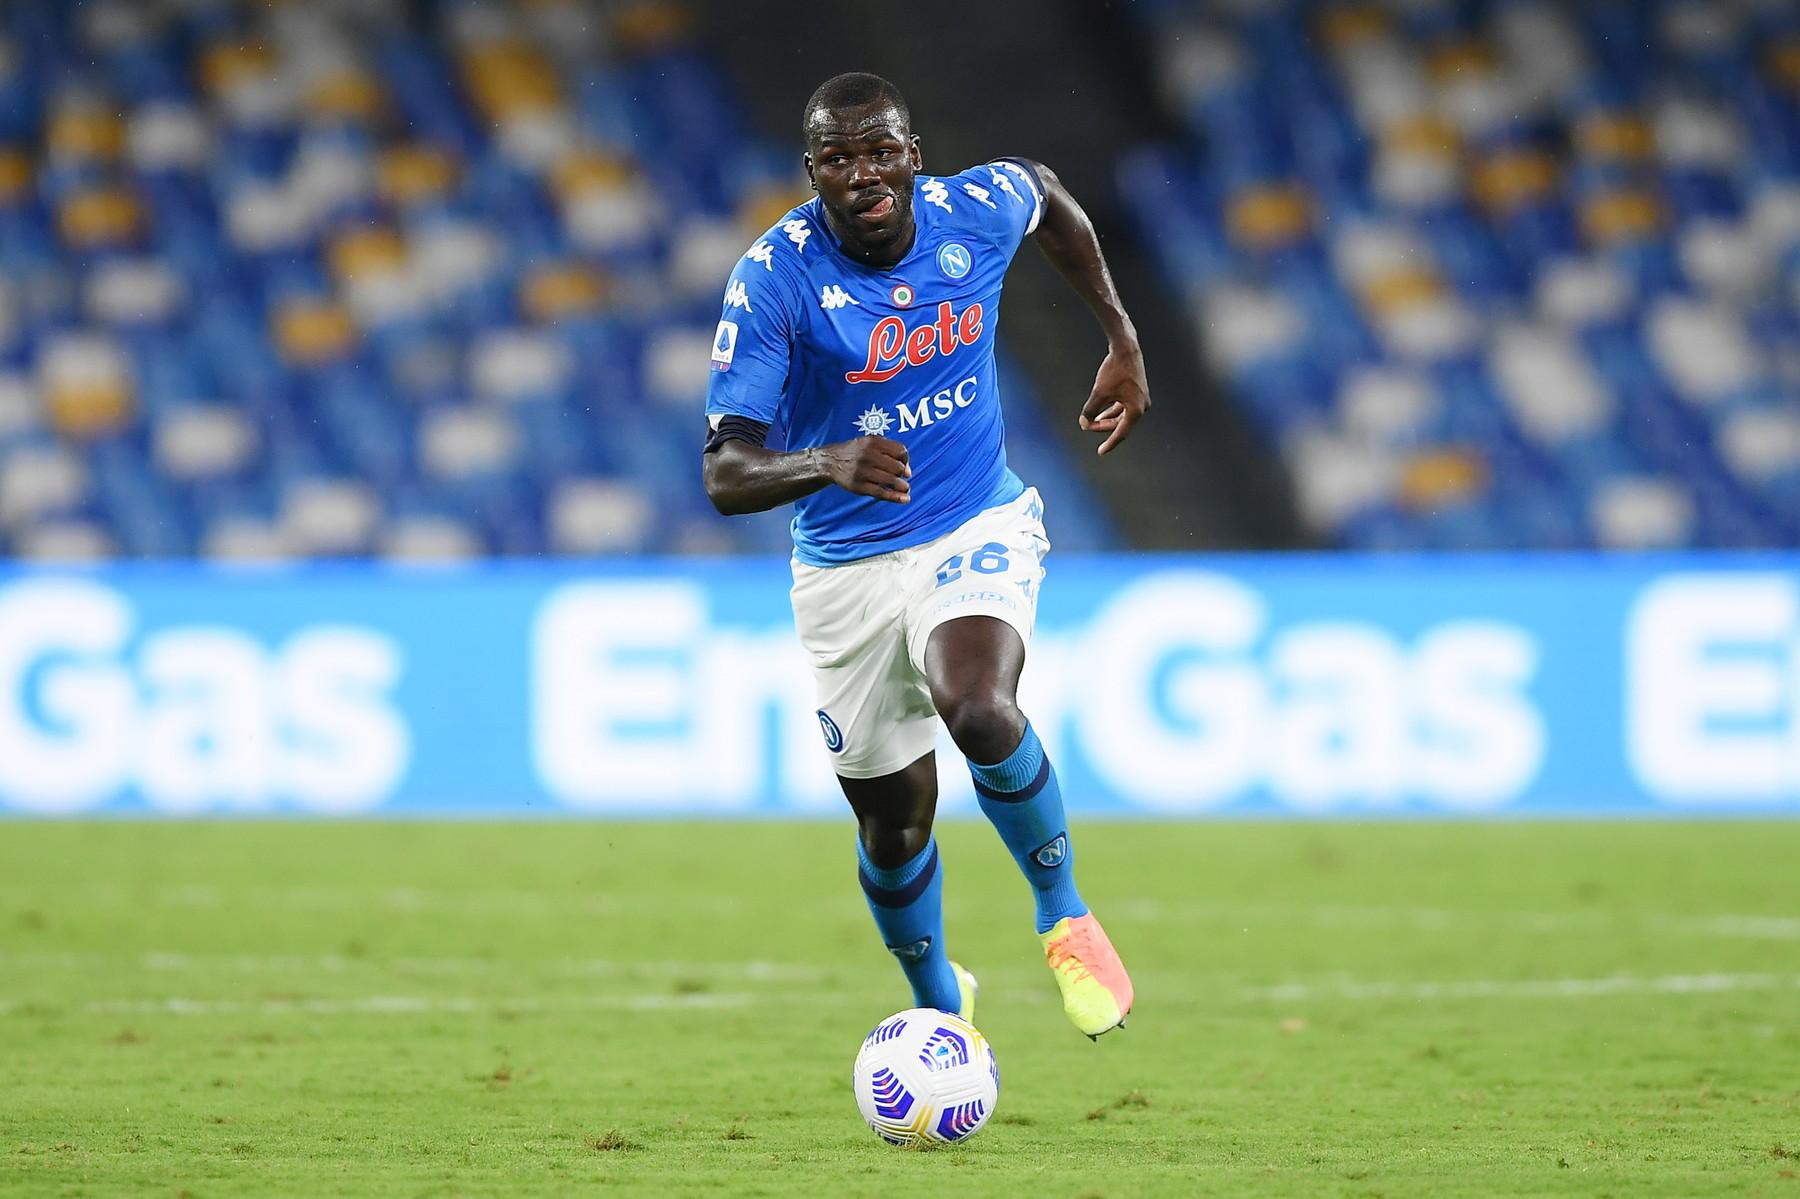 Koulibaly (Napoli): Gattuso sperava che all'ultimo non arrivasse una maxi-offerta da far vacillare De Laurentiis. Sembrava potesse passare al Manchester City o al PSG, è rimasto in azzurro